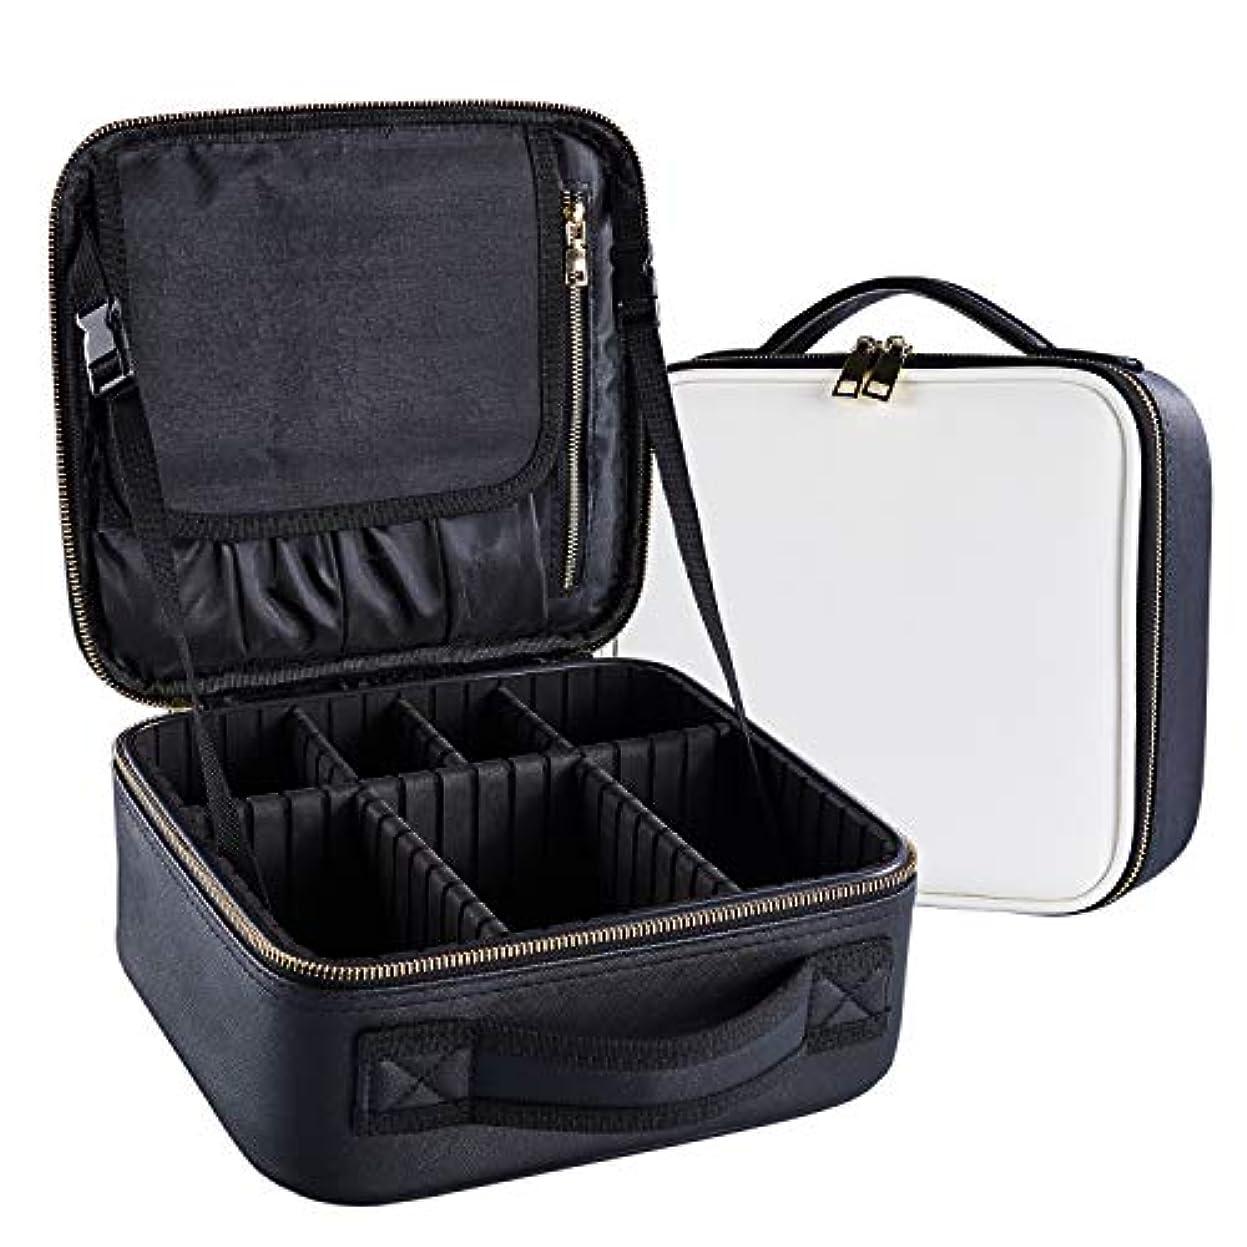 喜んで甘美な発生ArcEnCiel メイクボックス プロ用 化粧道具 コスメ収納 化粧箱 收納抜群 大容量 メイクアップ ボックス